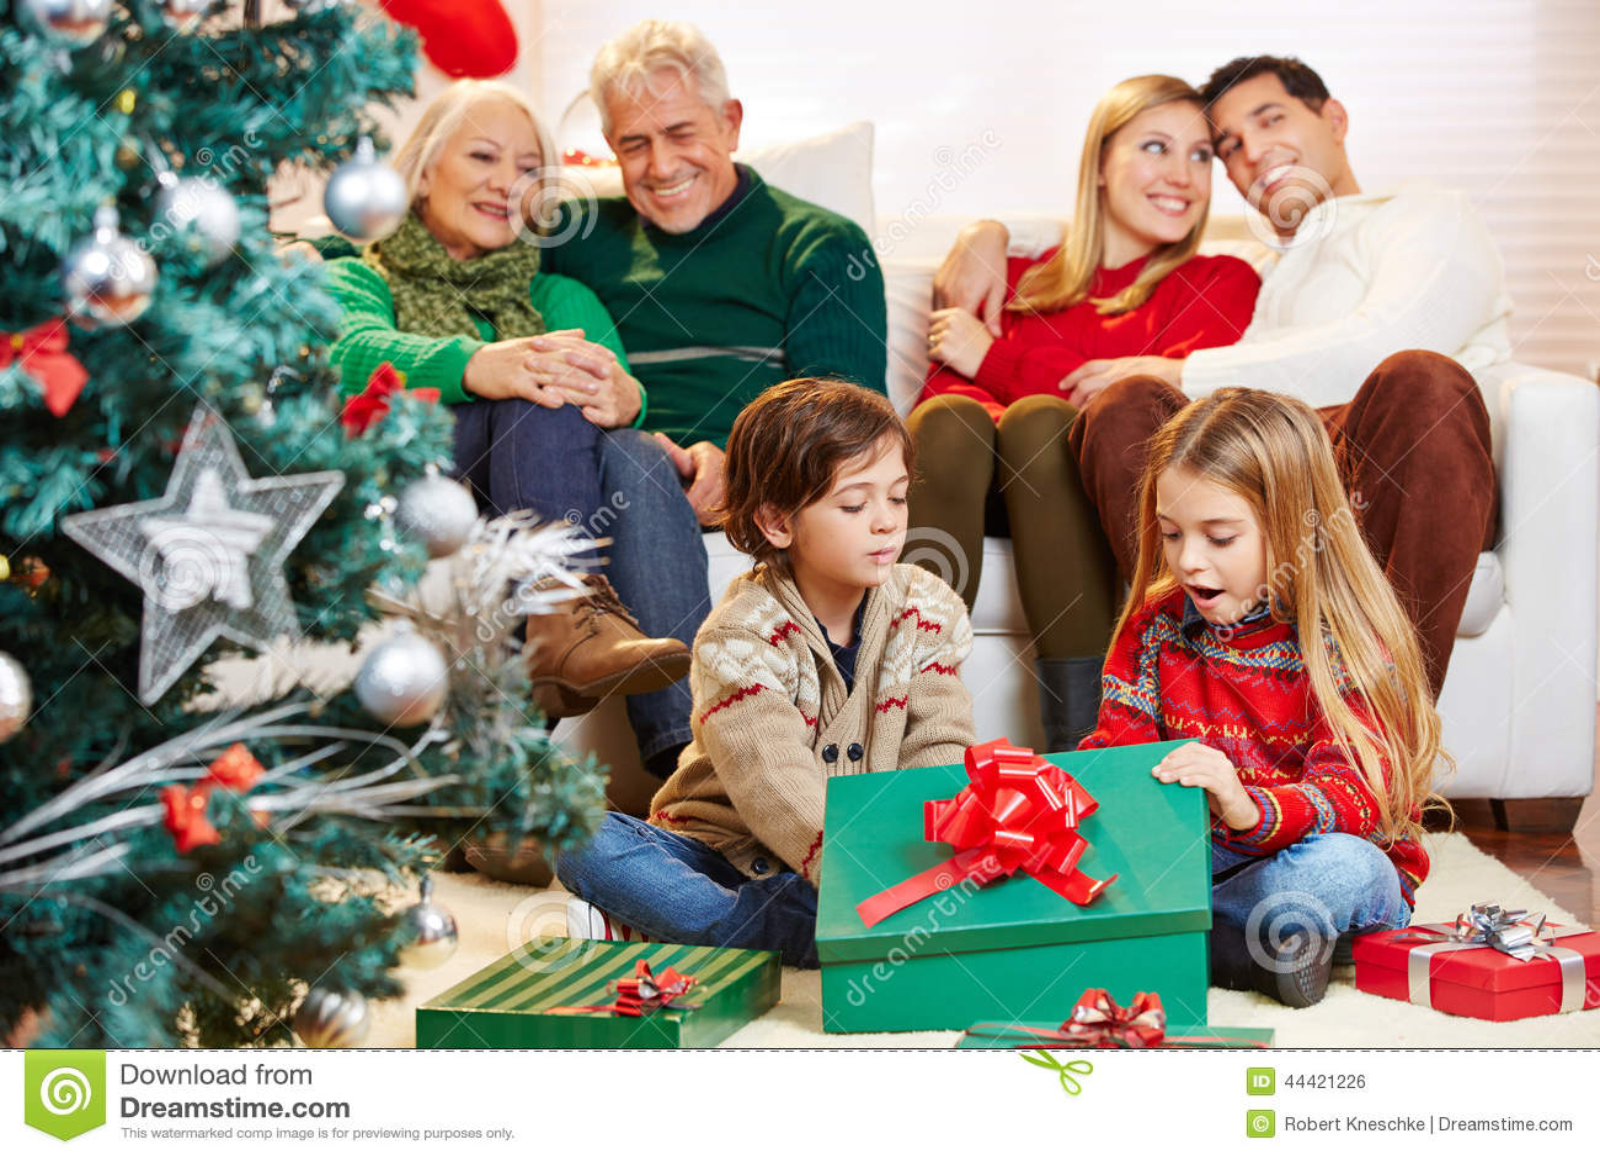 Kinder Die Geschenke Am Weihnachten Offnen Stockfoto Bild Von